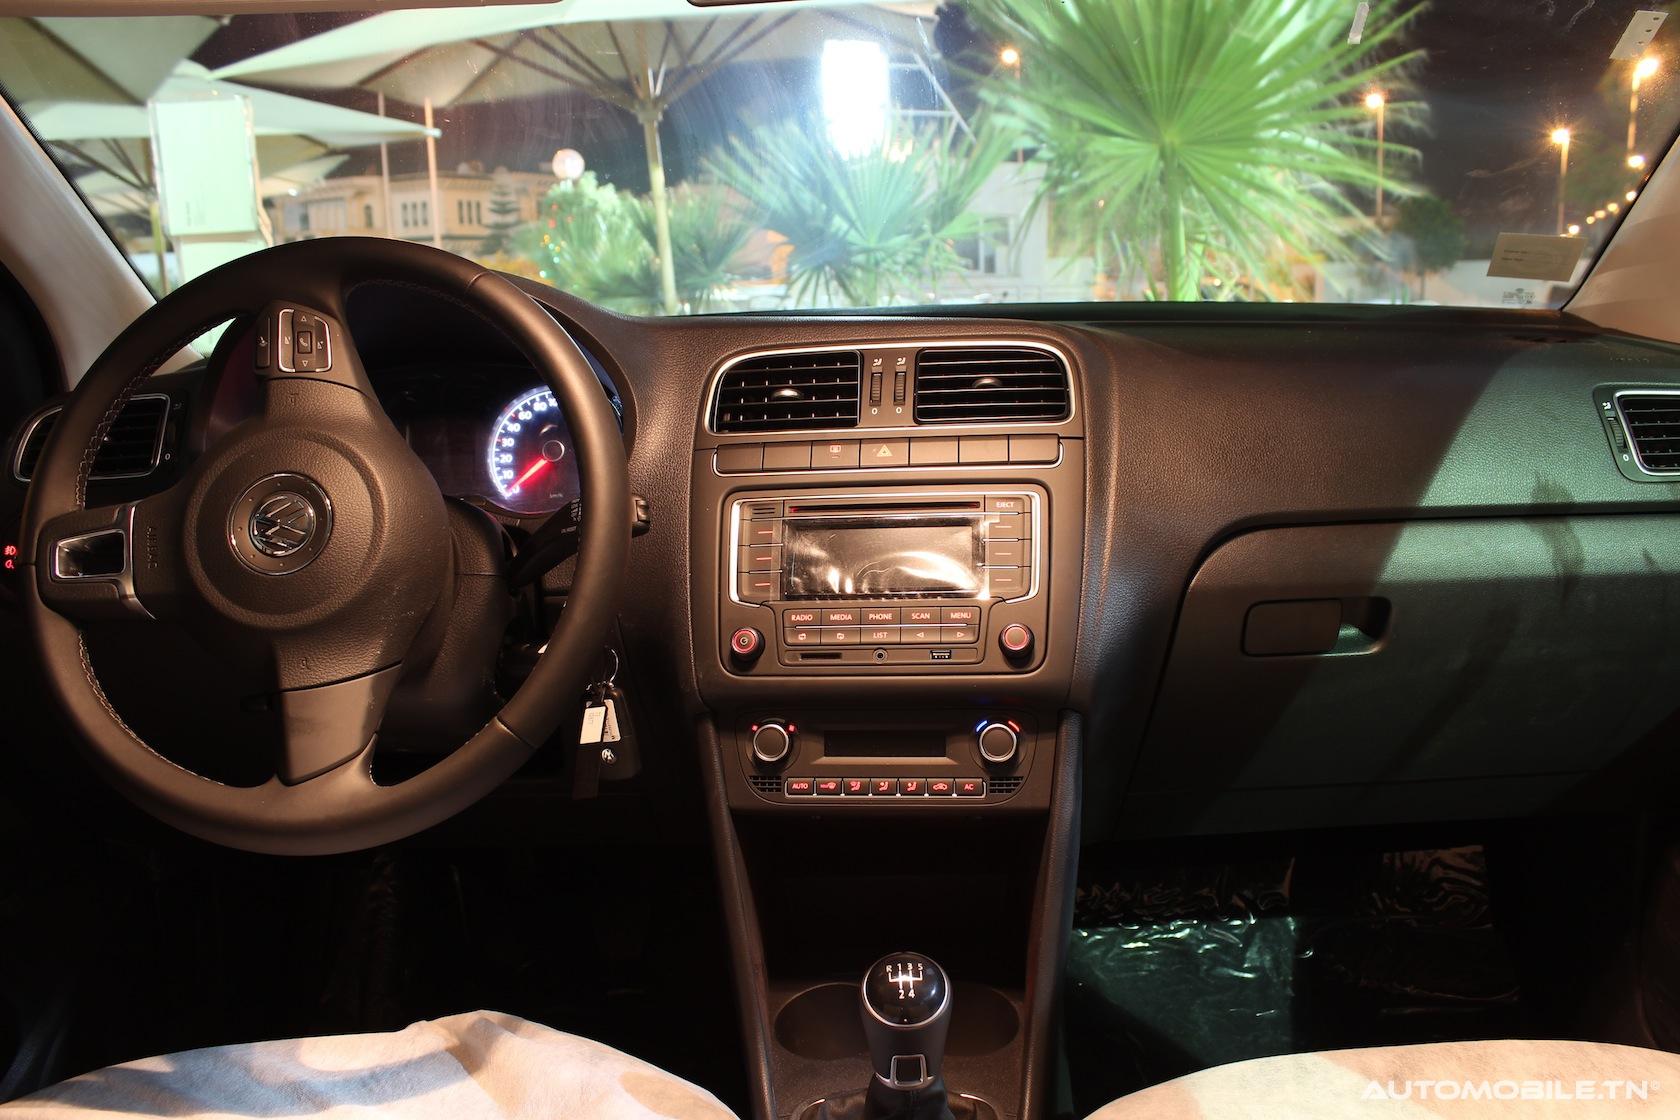 Nouveaut 233 S Ennakl Automobiles Pr 233 Sente La Polo Sedan